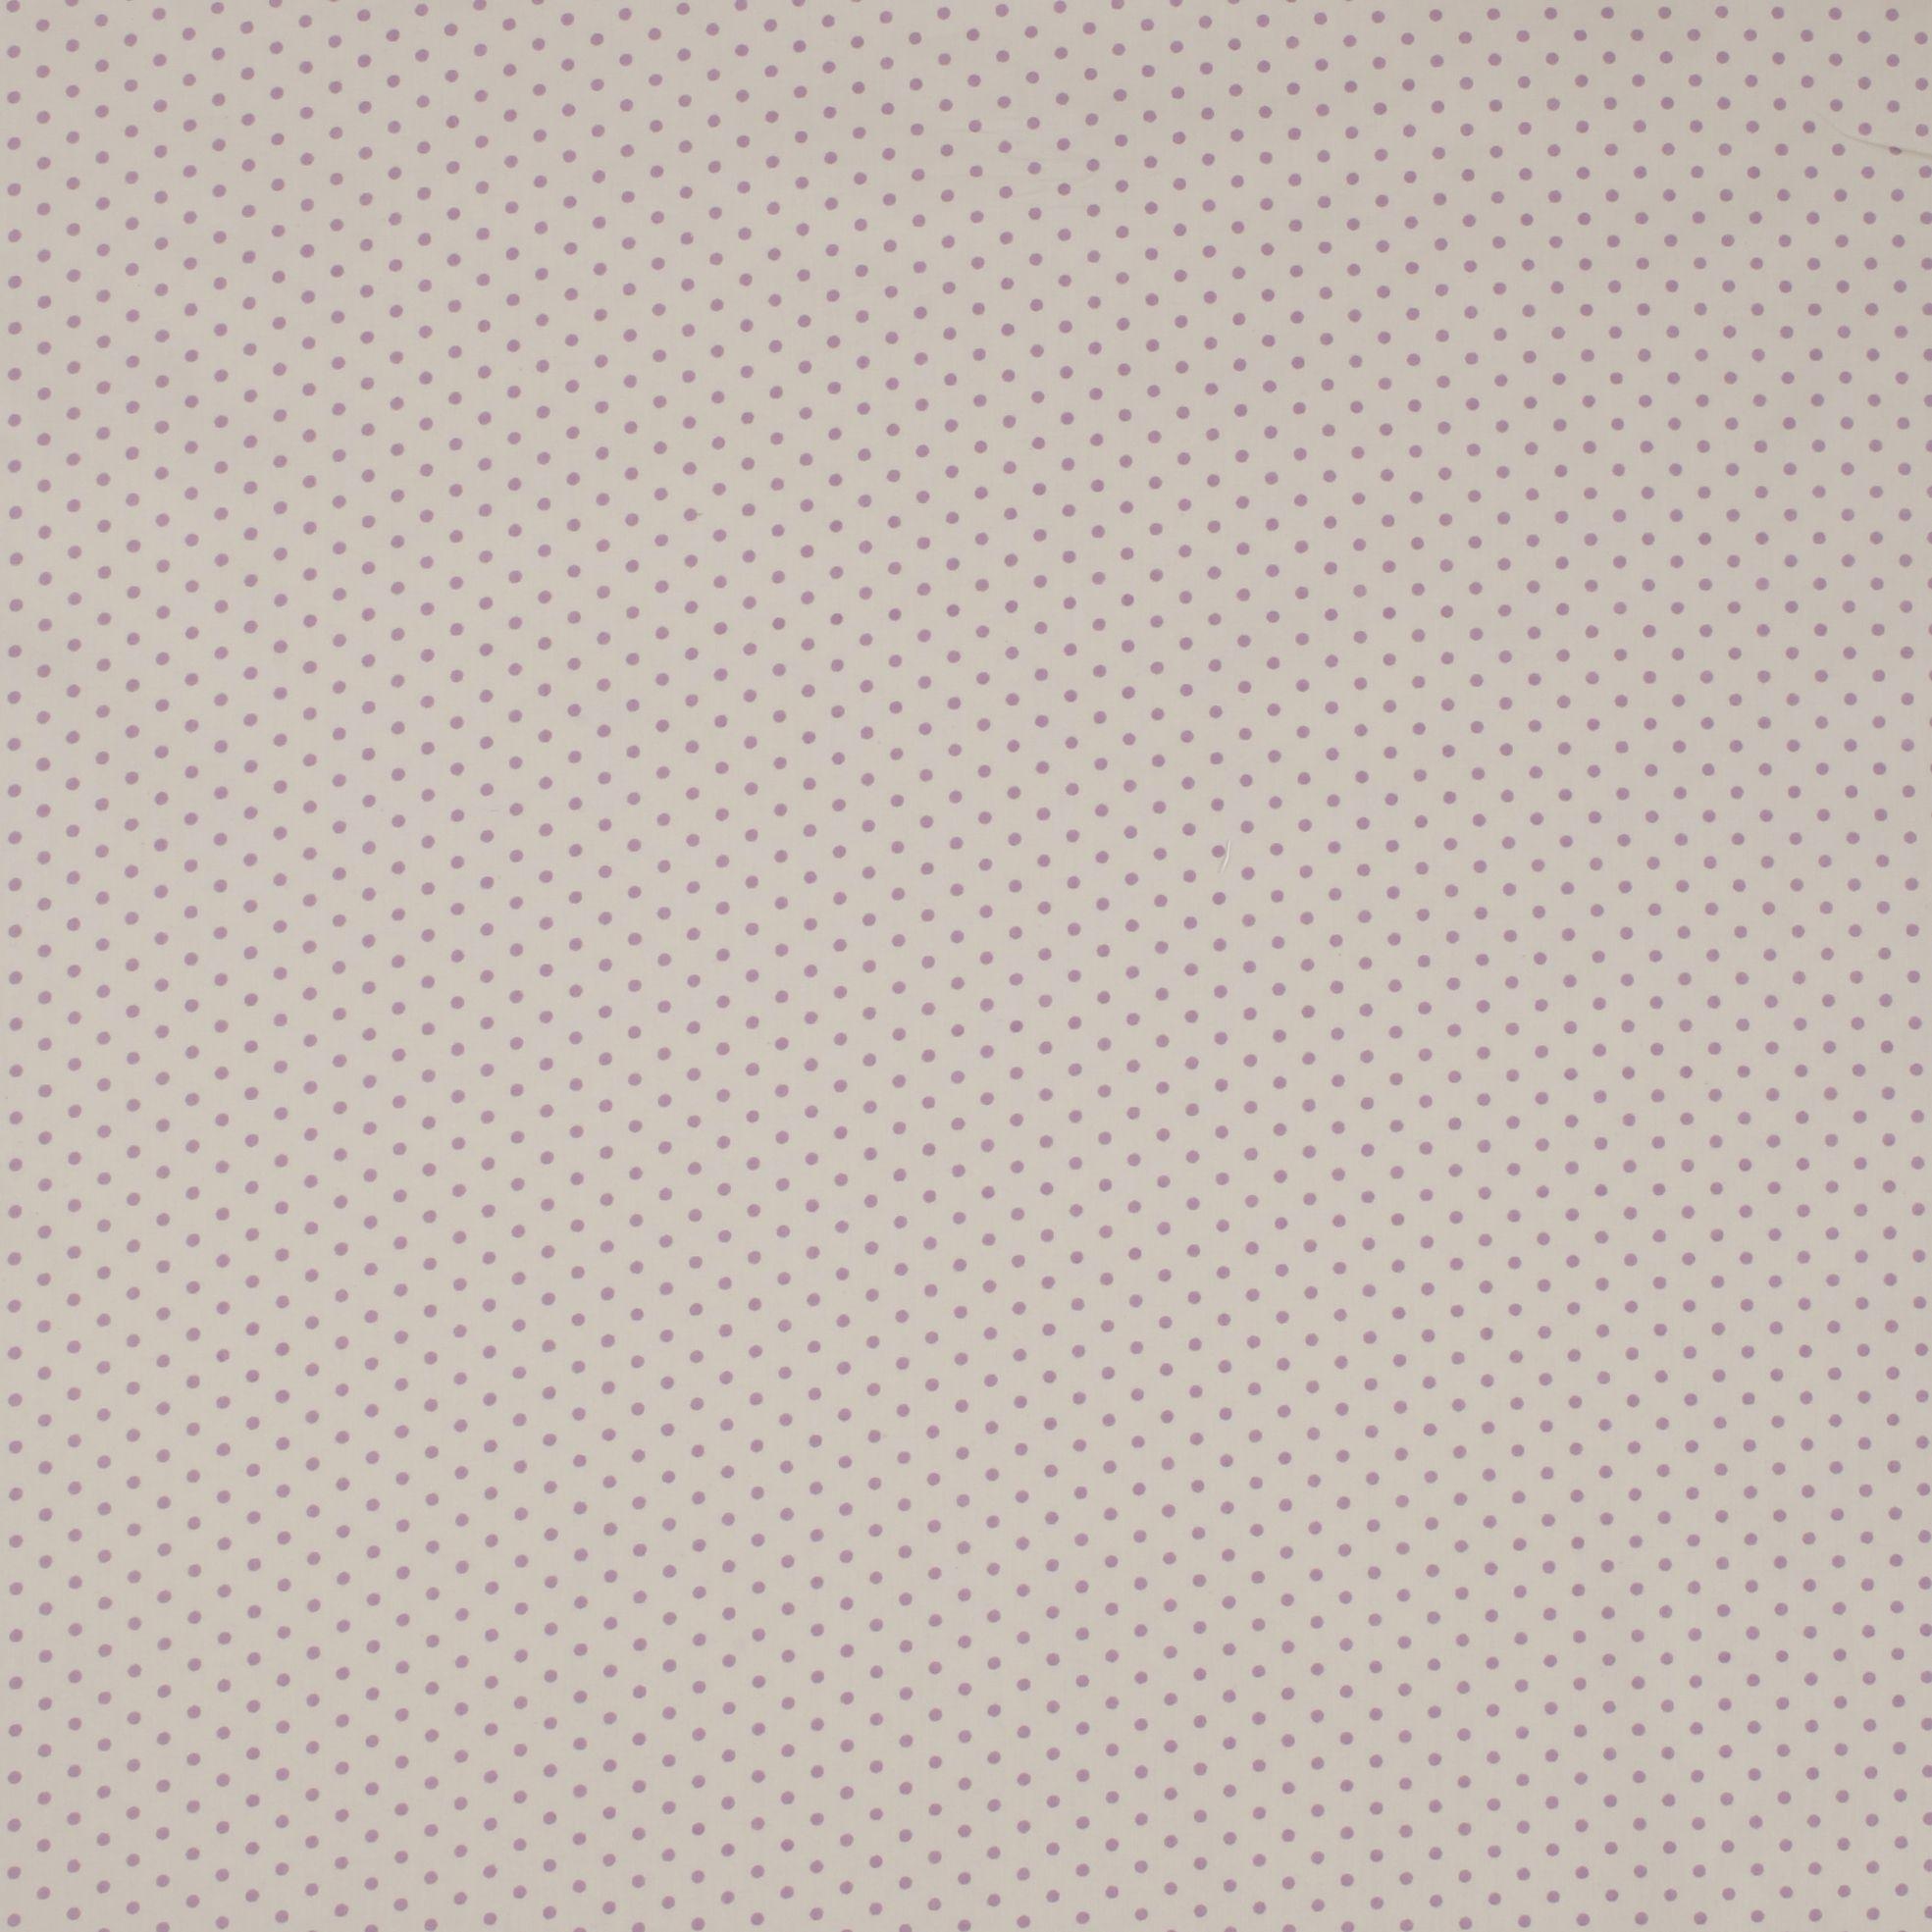 Ткань Dots , ширина 110см, в упаковке 1м, 100% хлопок. BDOT.YPБ-2302Ткань Dots , ширина 110см, в упаковке 1м,100% хлопок